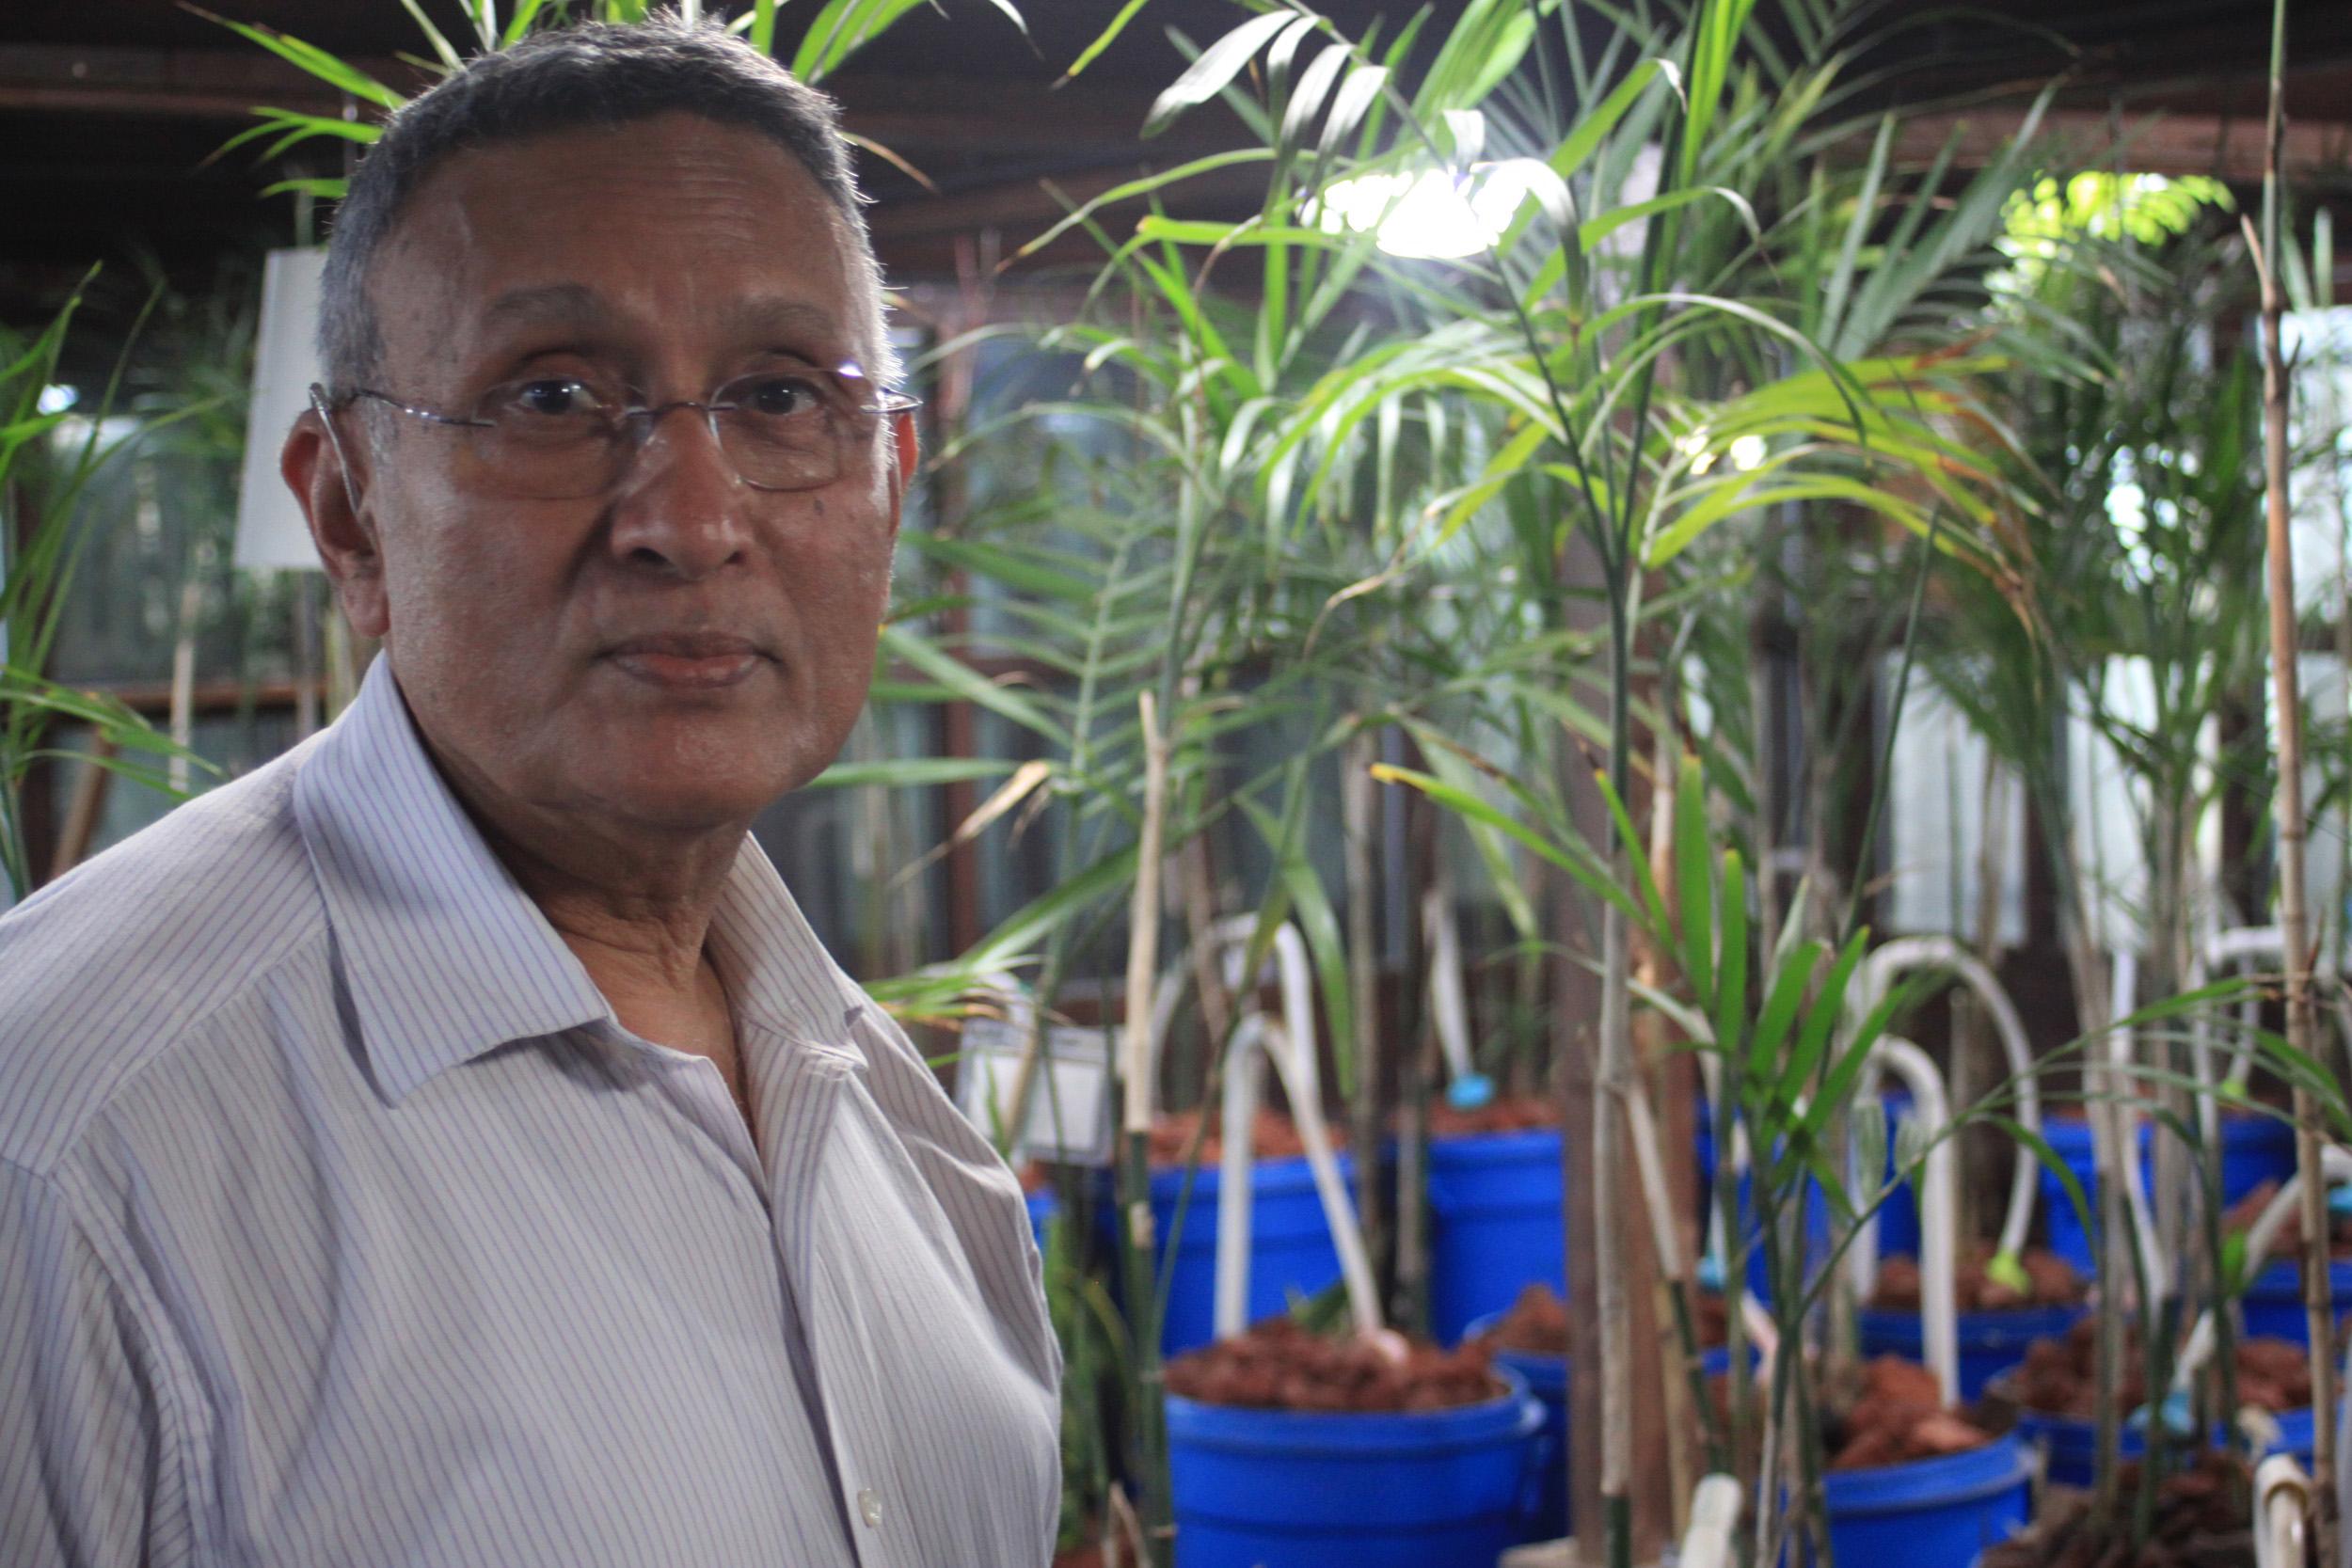 Kamal Meattle przedstawia 3 pospolite rośliny, które postawione w domu lub biurze, mogą w mierzalny sposób poprawić jakość powietrza